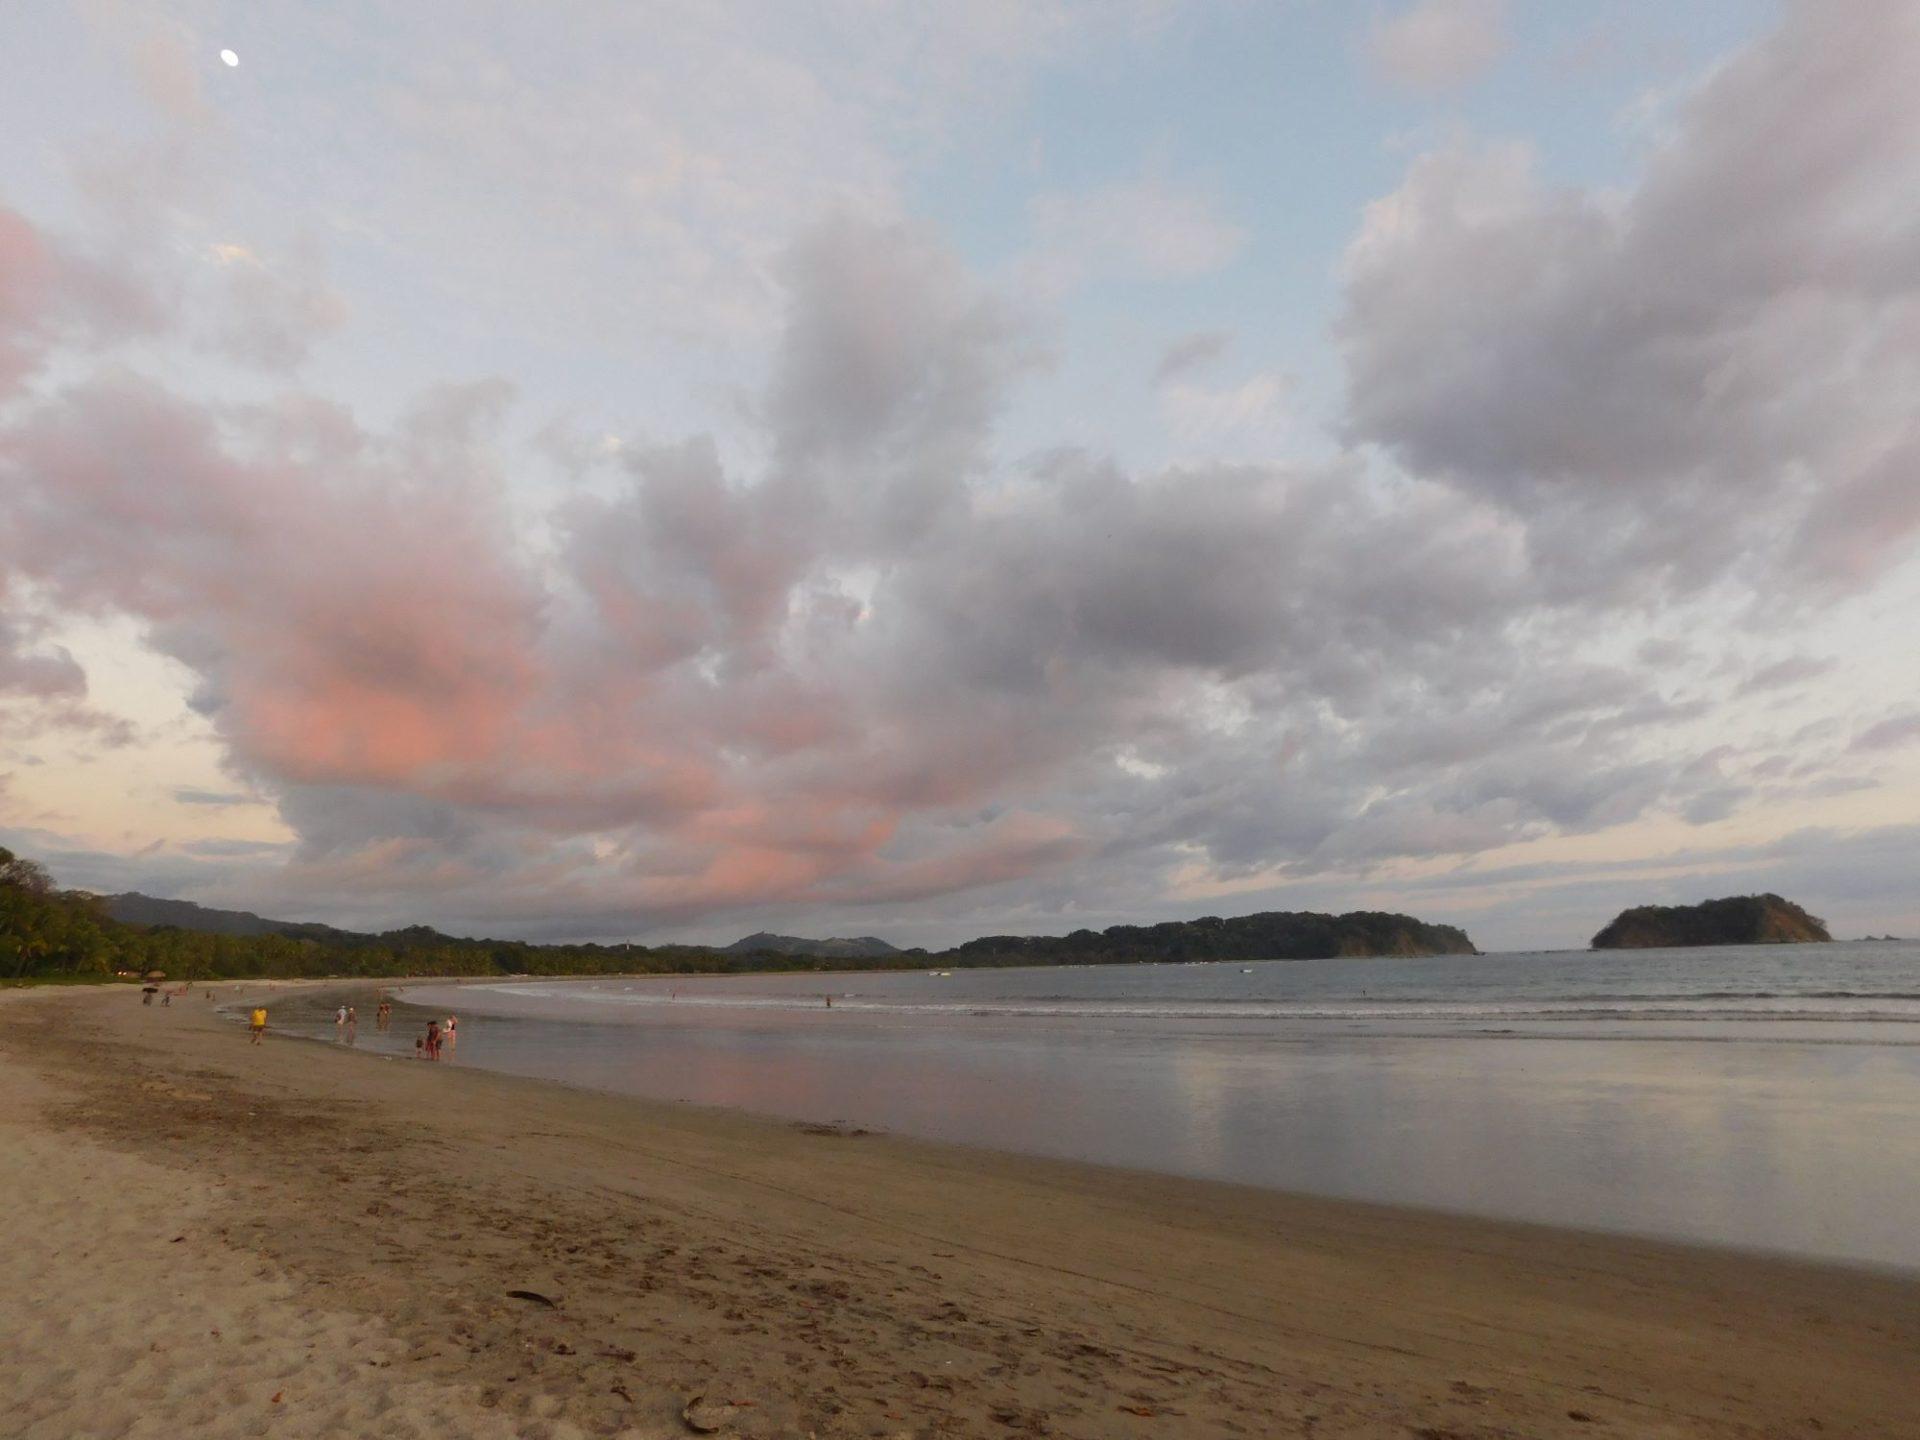 wp-content/uploads/itineraries/Costa-Rica/Day9OTGsamarasunset.jpg